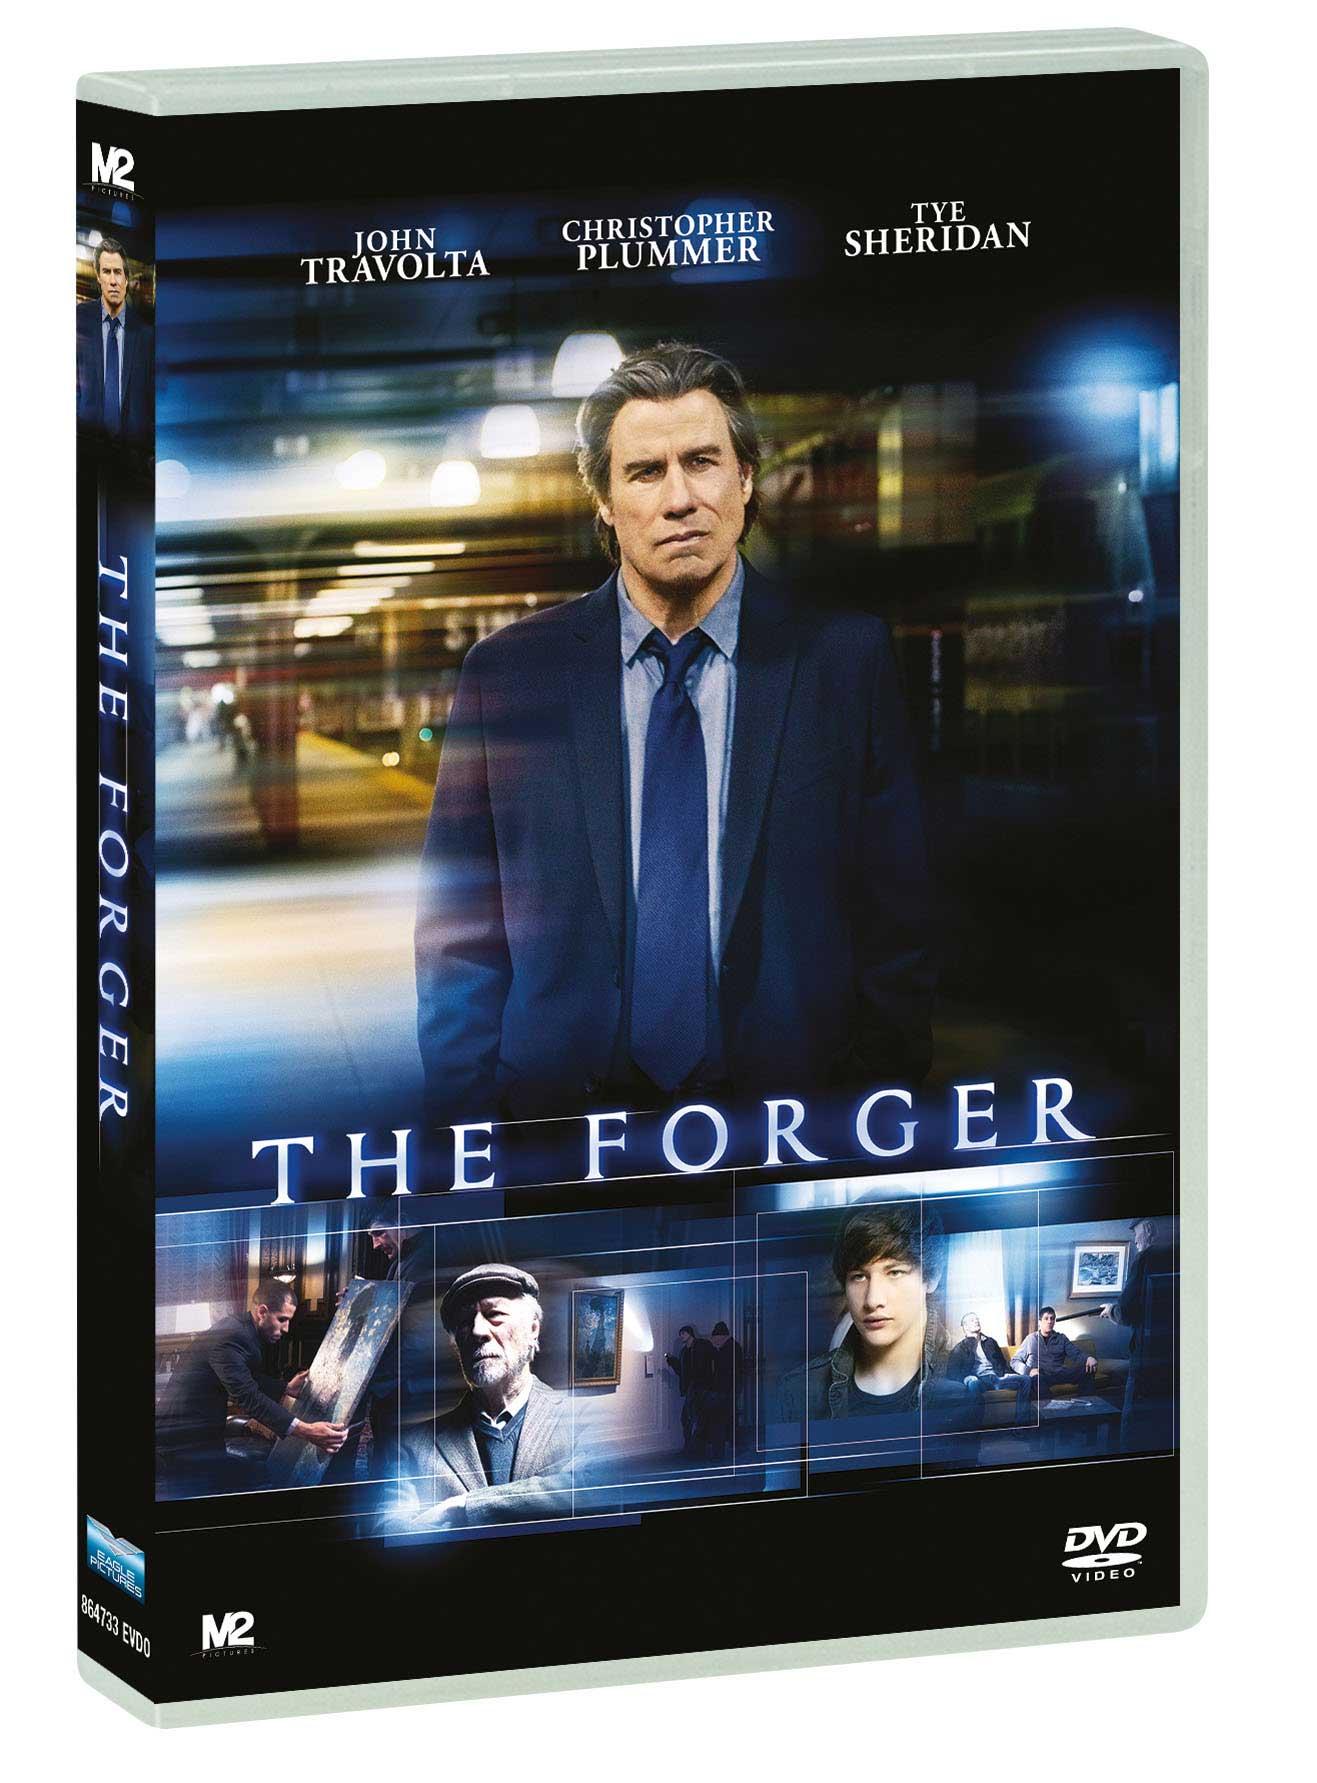 THE FORGER - IL FALSARIO (DVD)